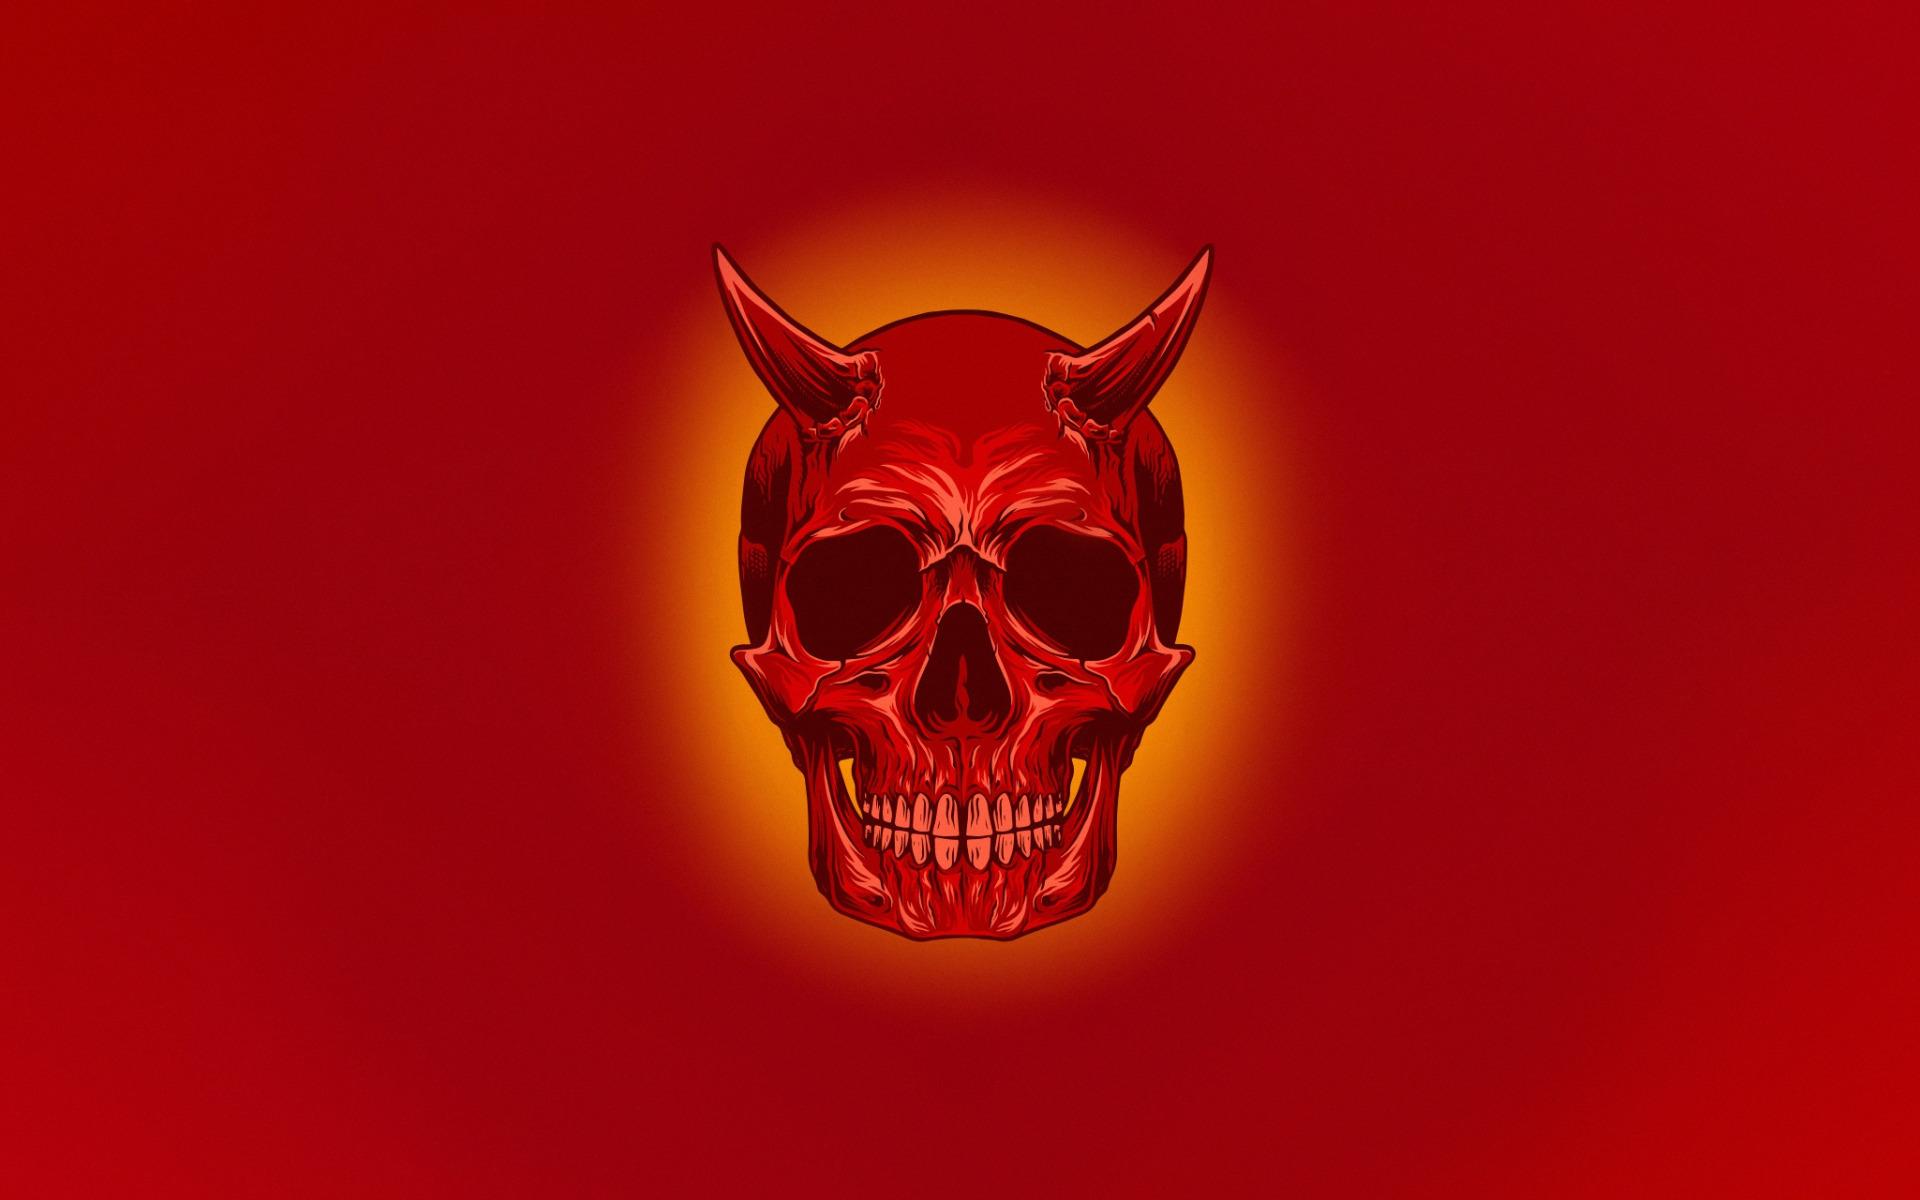 красные черепа картинки на рабочий стол заказ фотоколлаж вашим